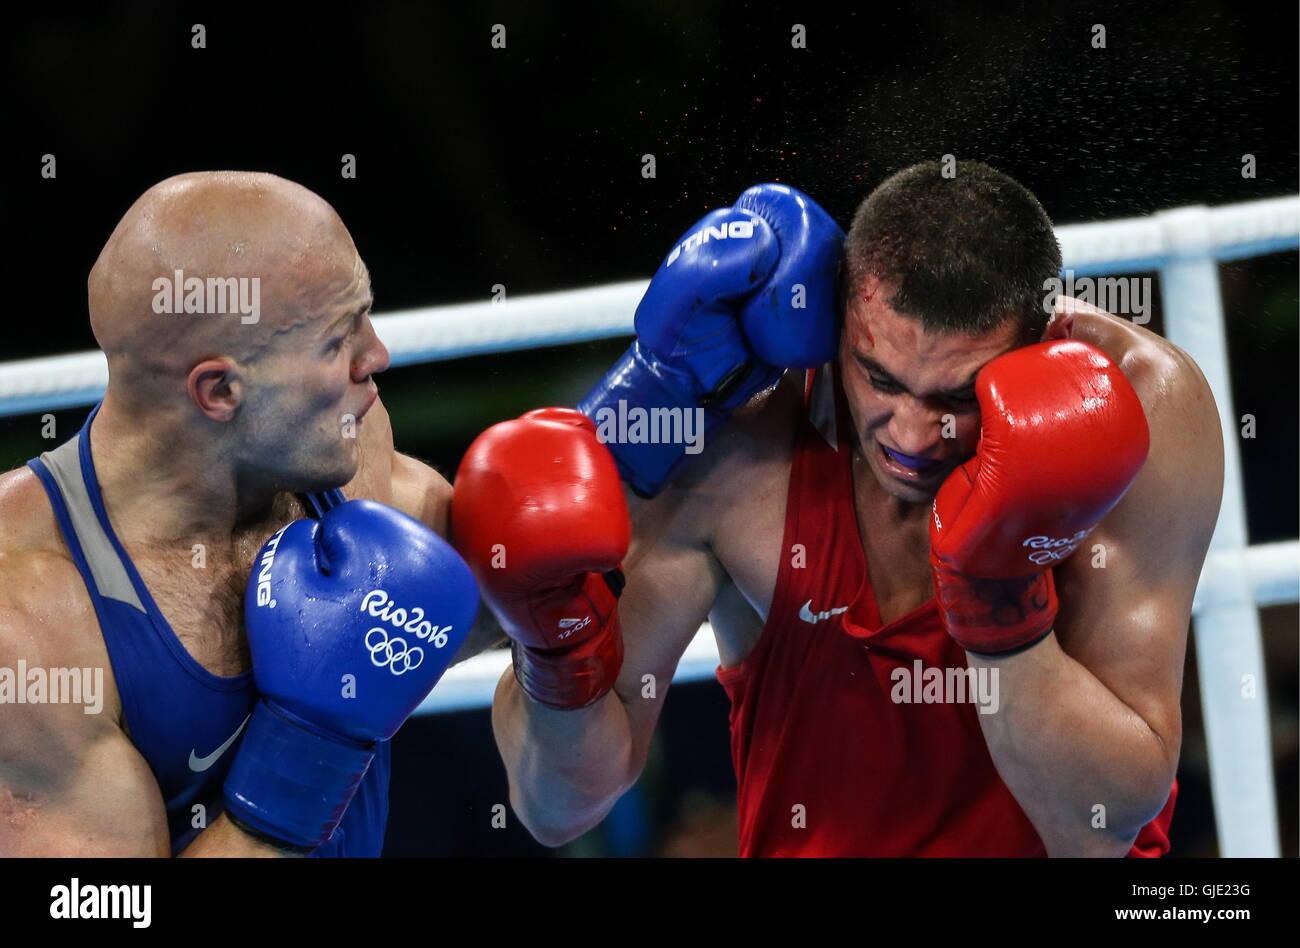 Rio De Janeiro, Brasilien. 15. August 2016. Wassilij Levit (L) von Kasachstan und Yevgeny Tishchenko Russland Kampf Stockbild